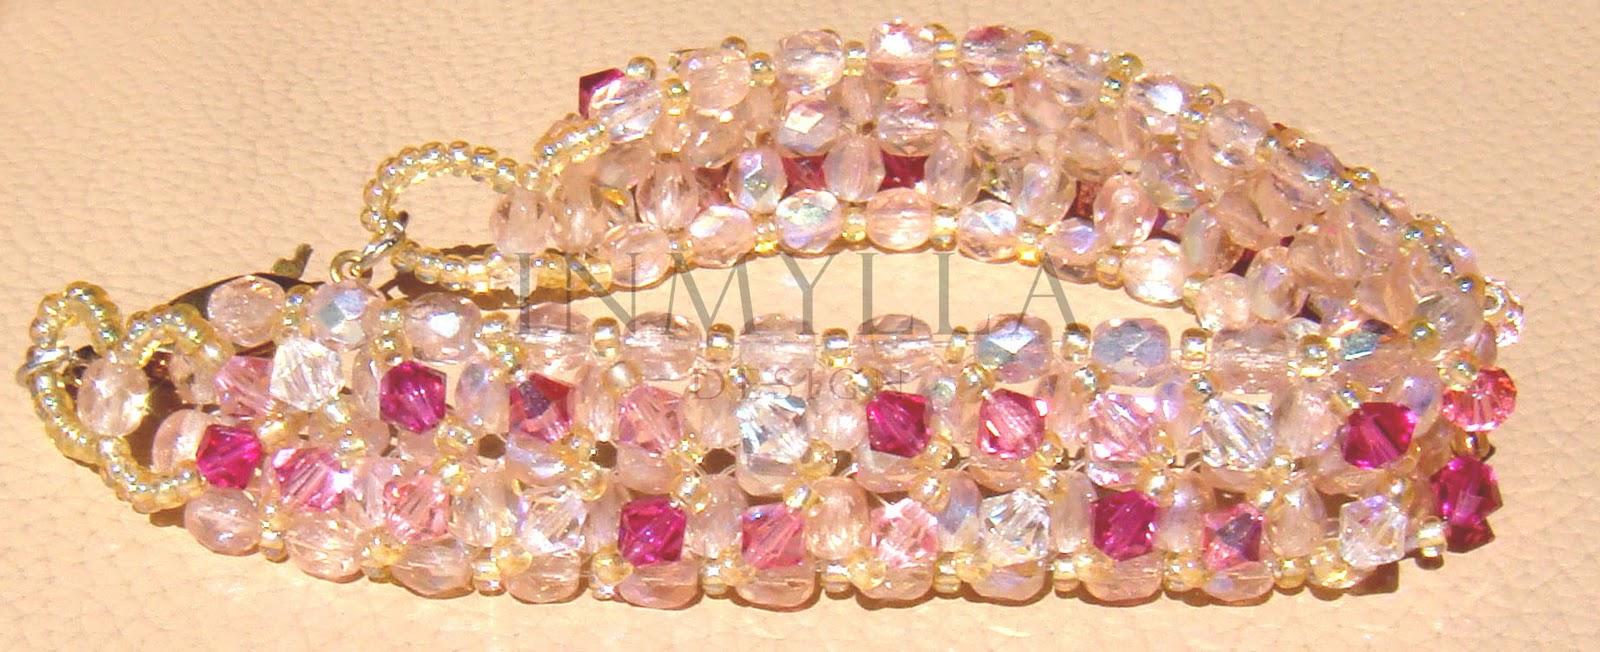 34ab5e08be92 Realizada con cristales de Swarovski con una base de cristal checo  facetado. Cierre con piedras incrustadas o tipo mosquetón de plata.